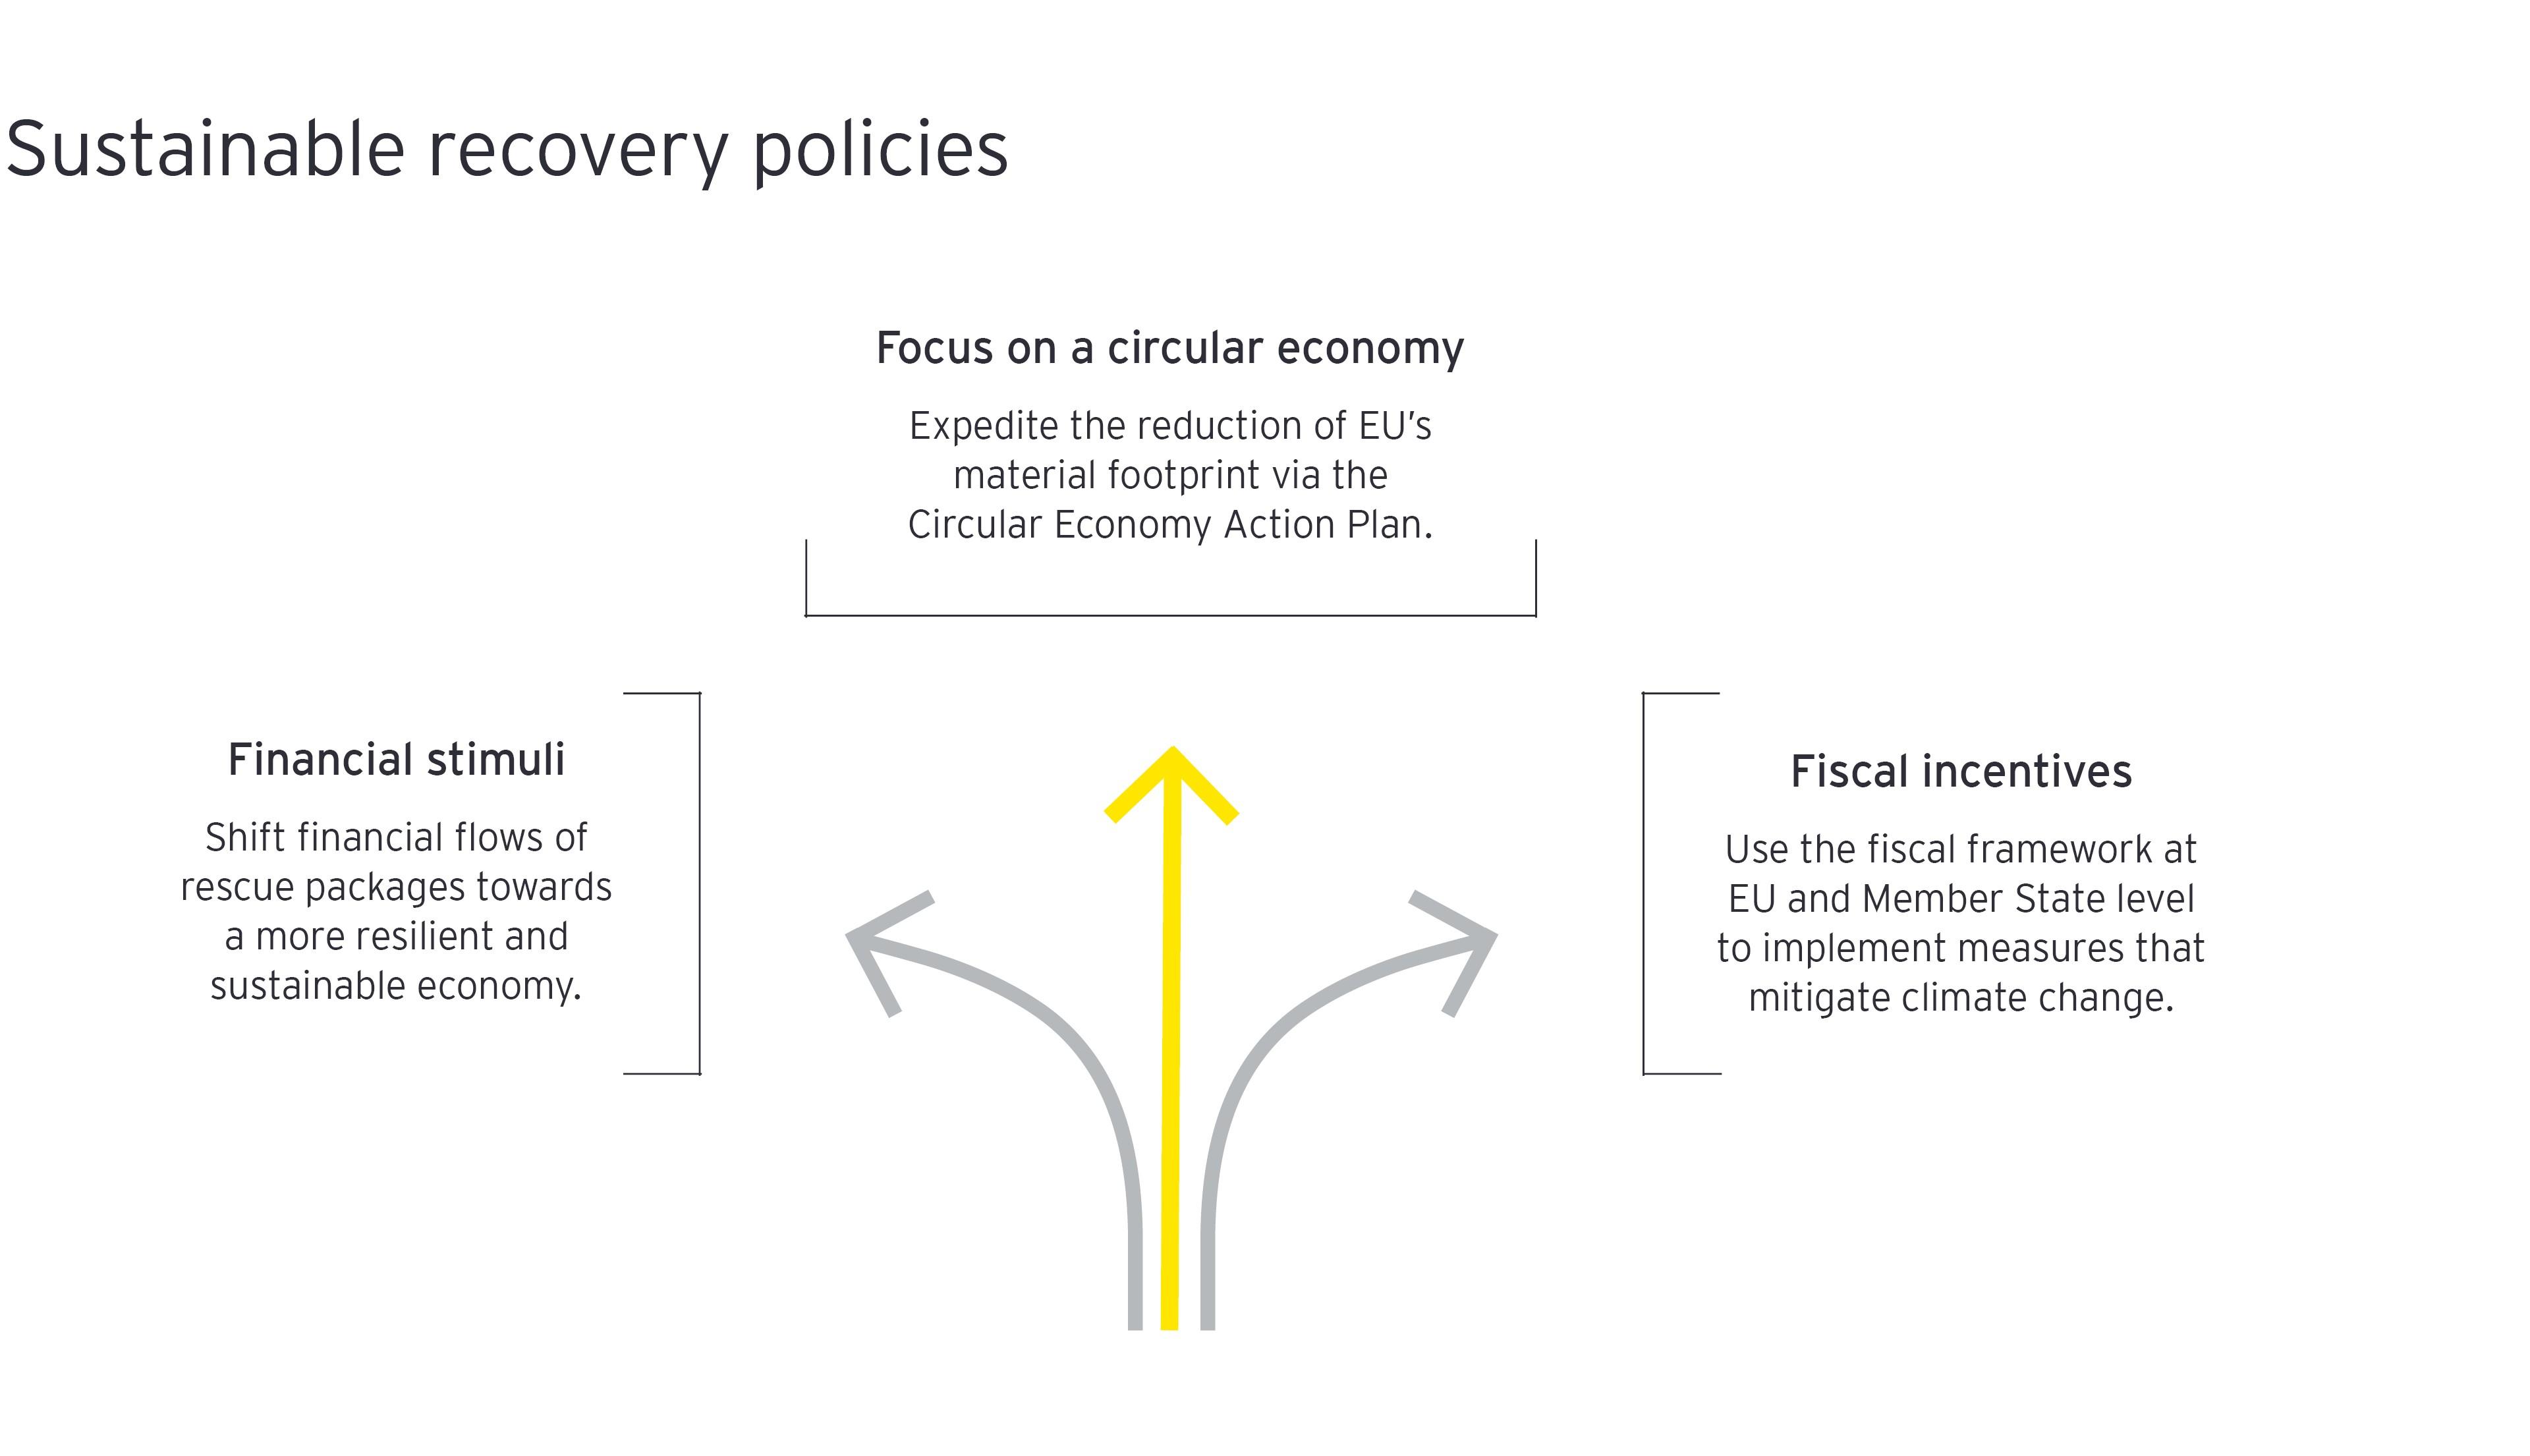 Fenntartható helyreállítási politikák